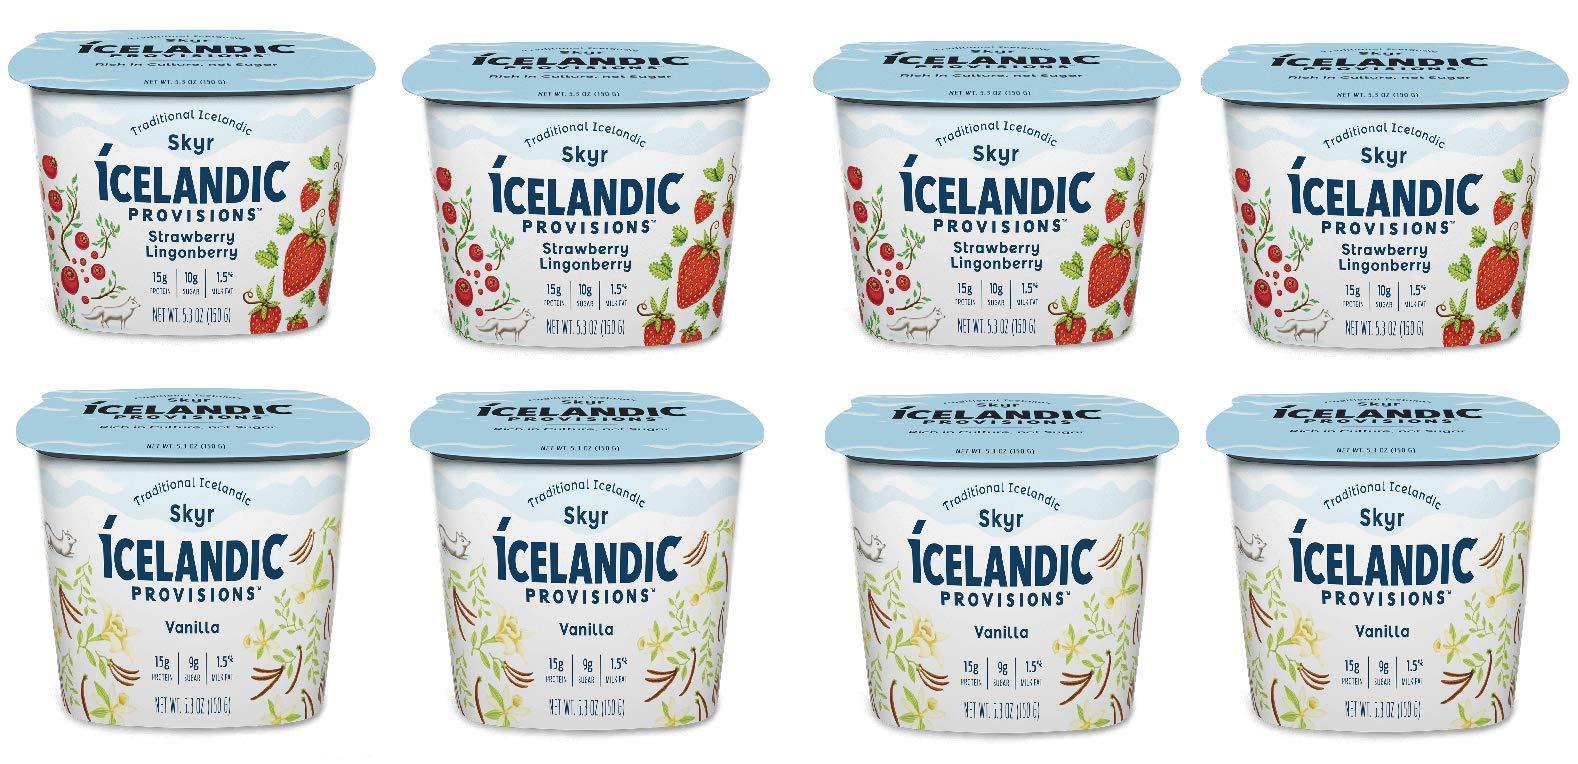 Icelandic Provisions, Skyr Yogurt, 2 Flavor Variety Pack (Pack of 8)